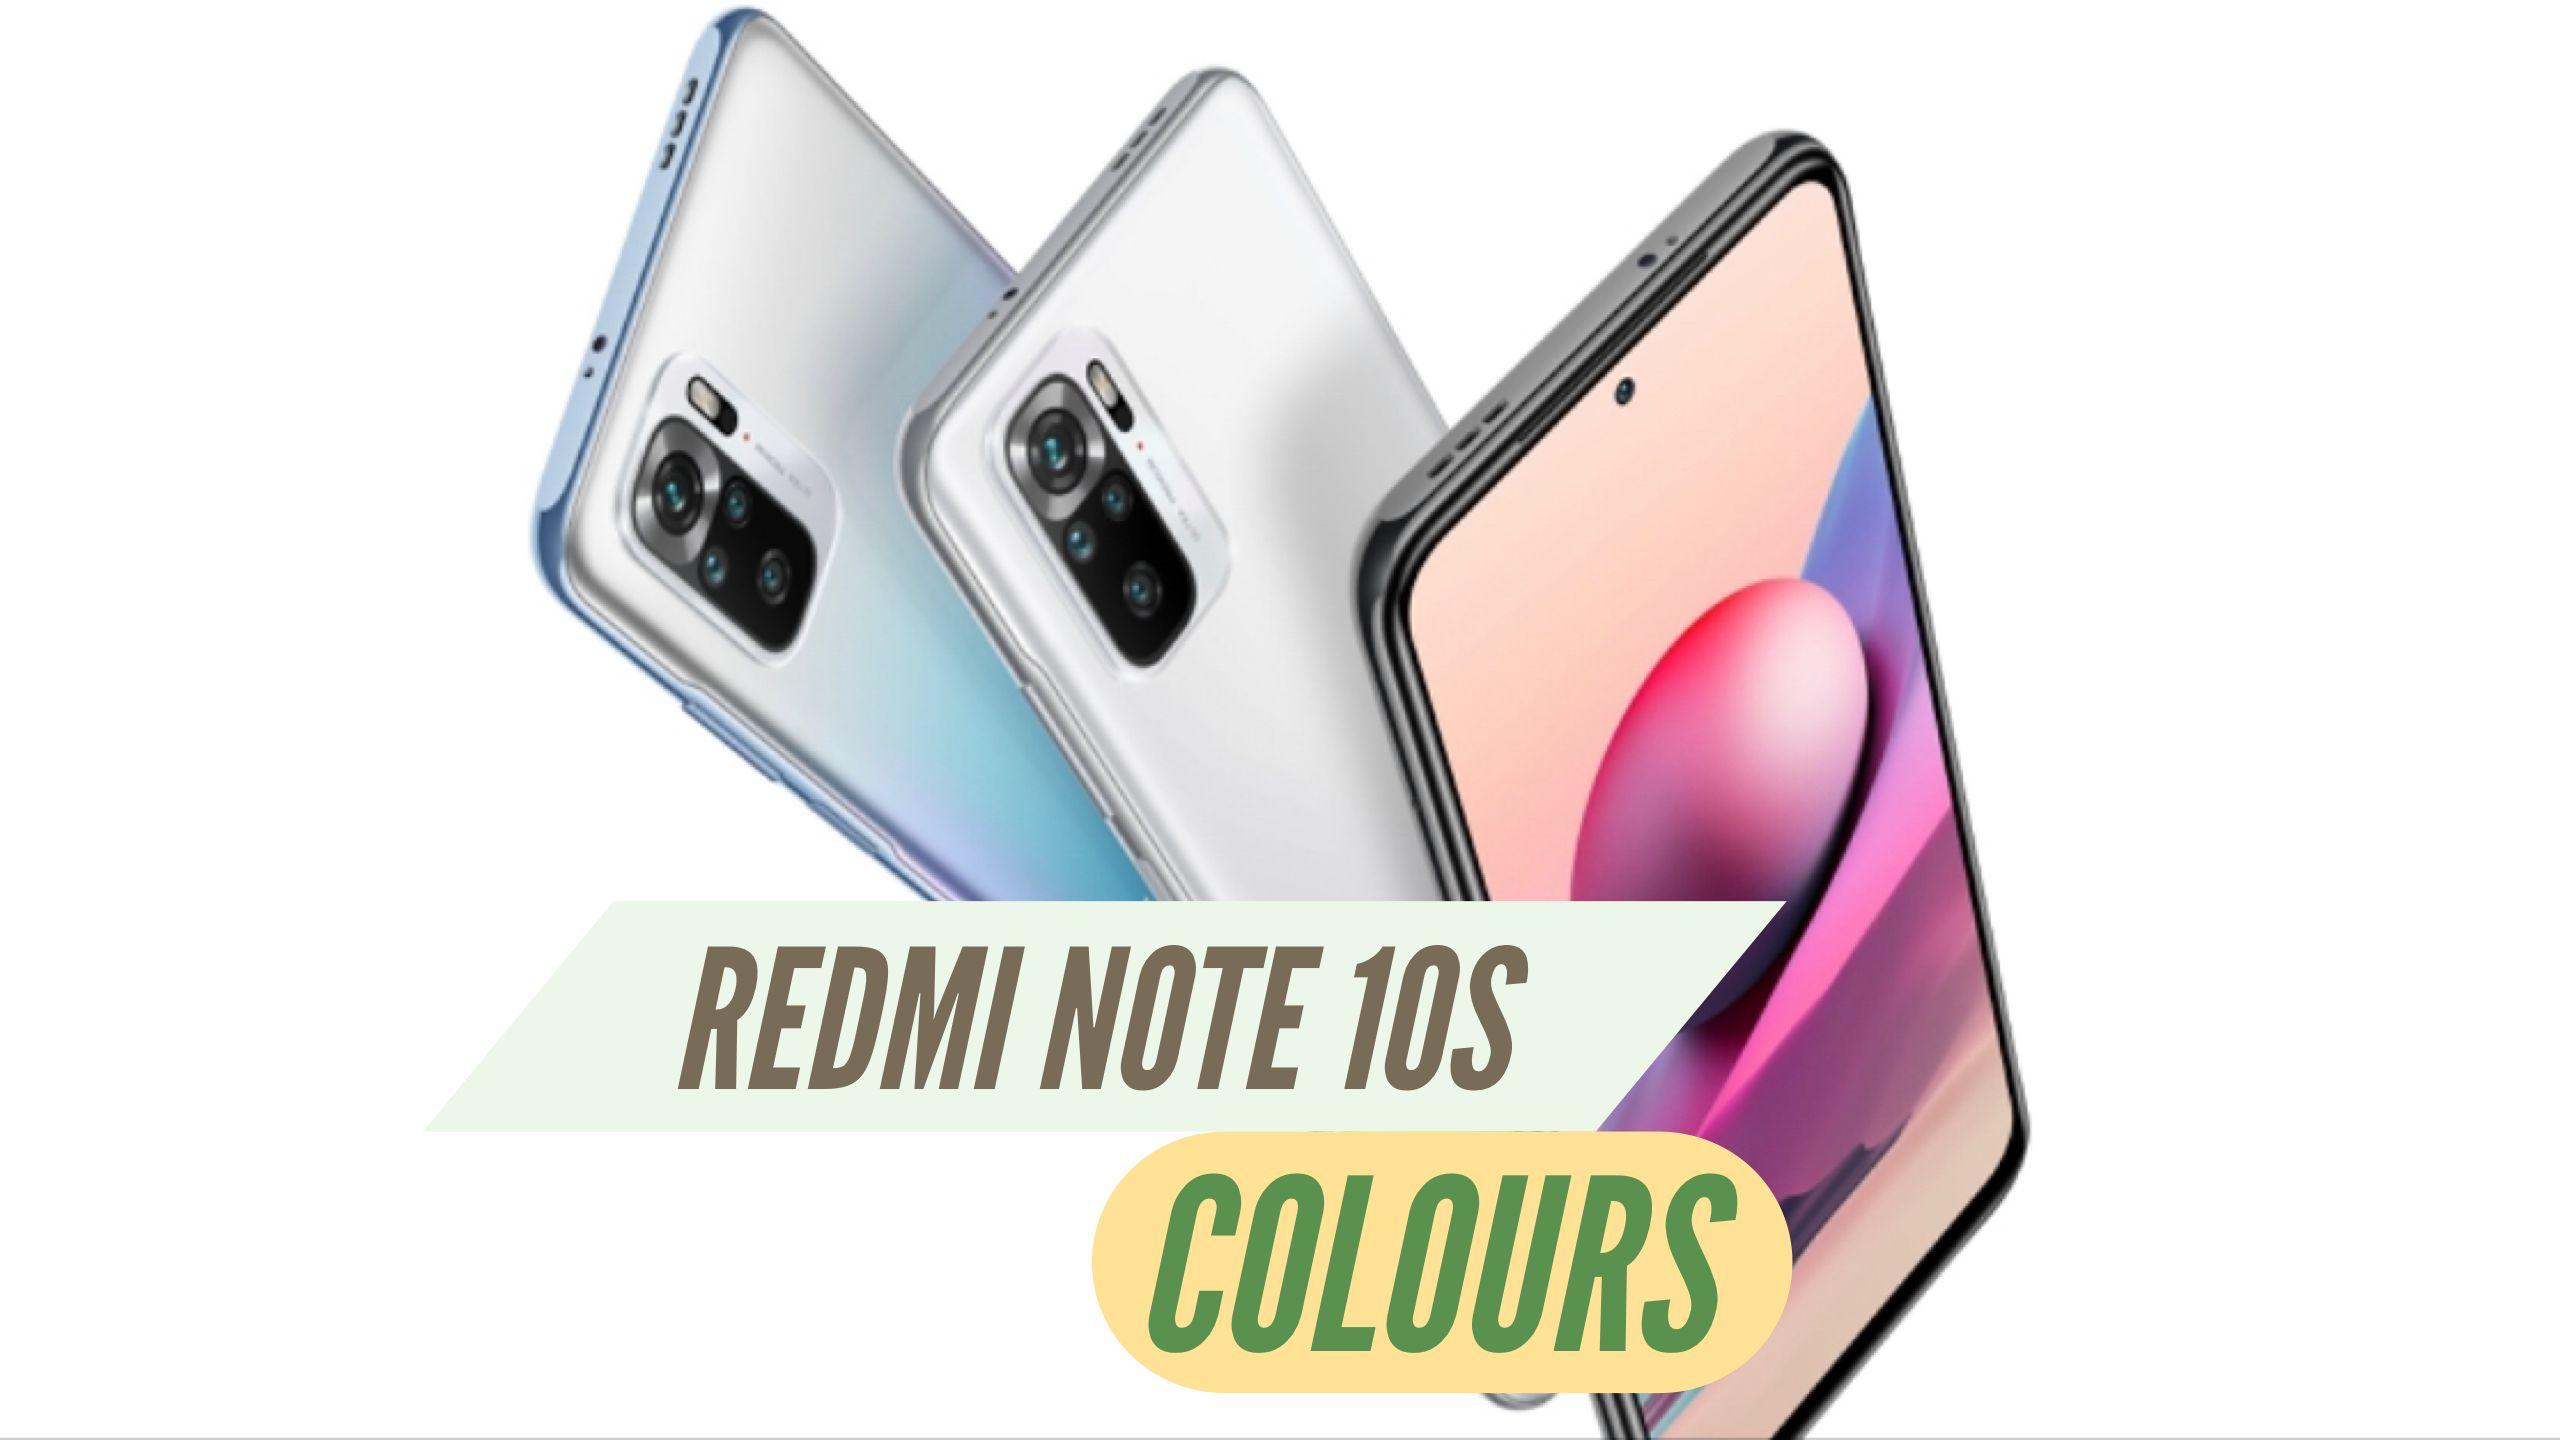 Redmi Note 10S Colours